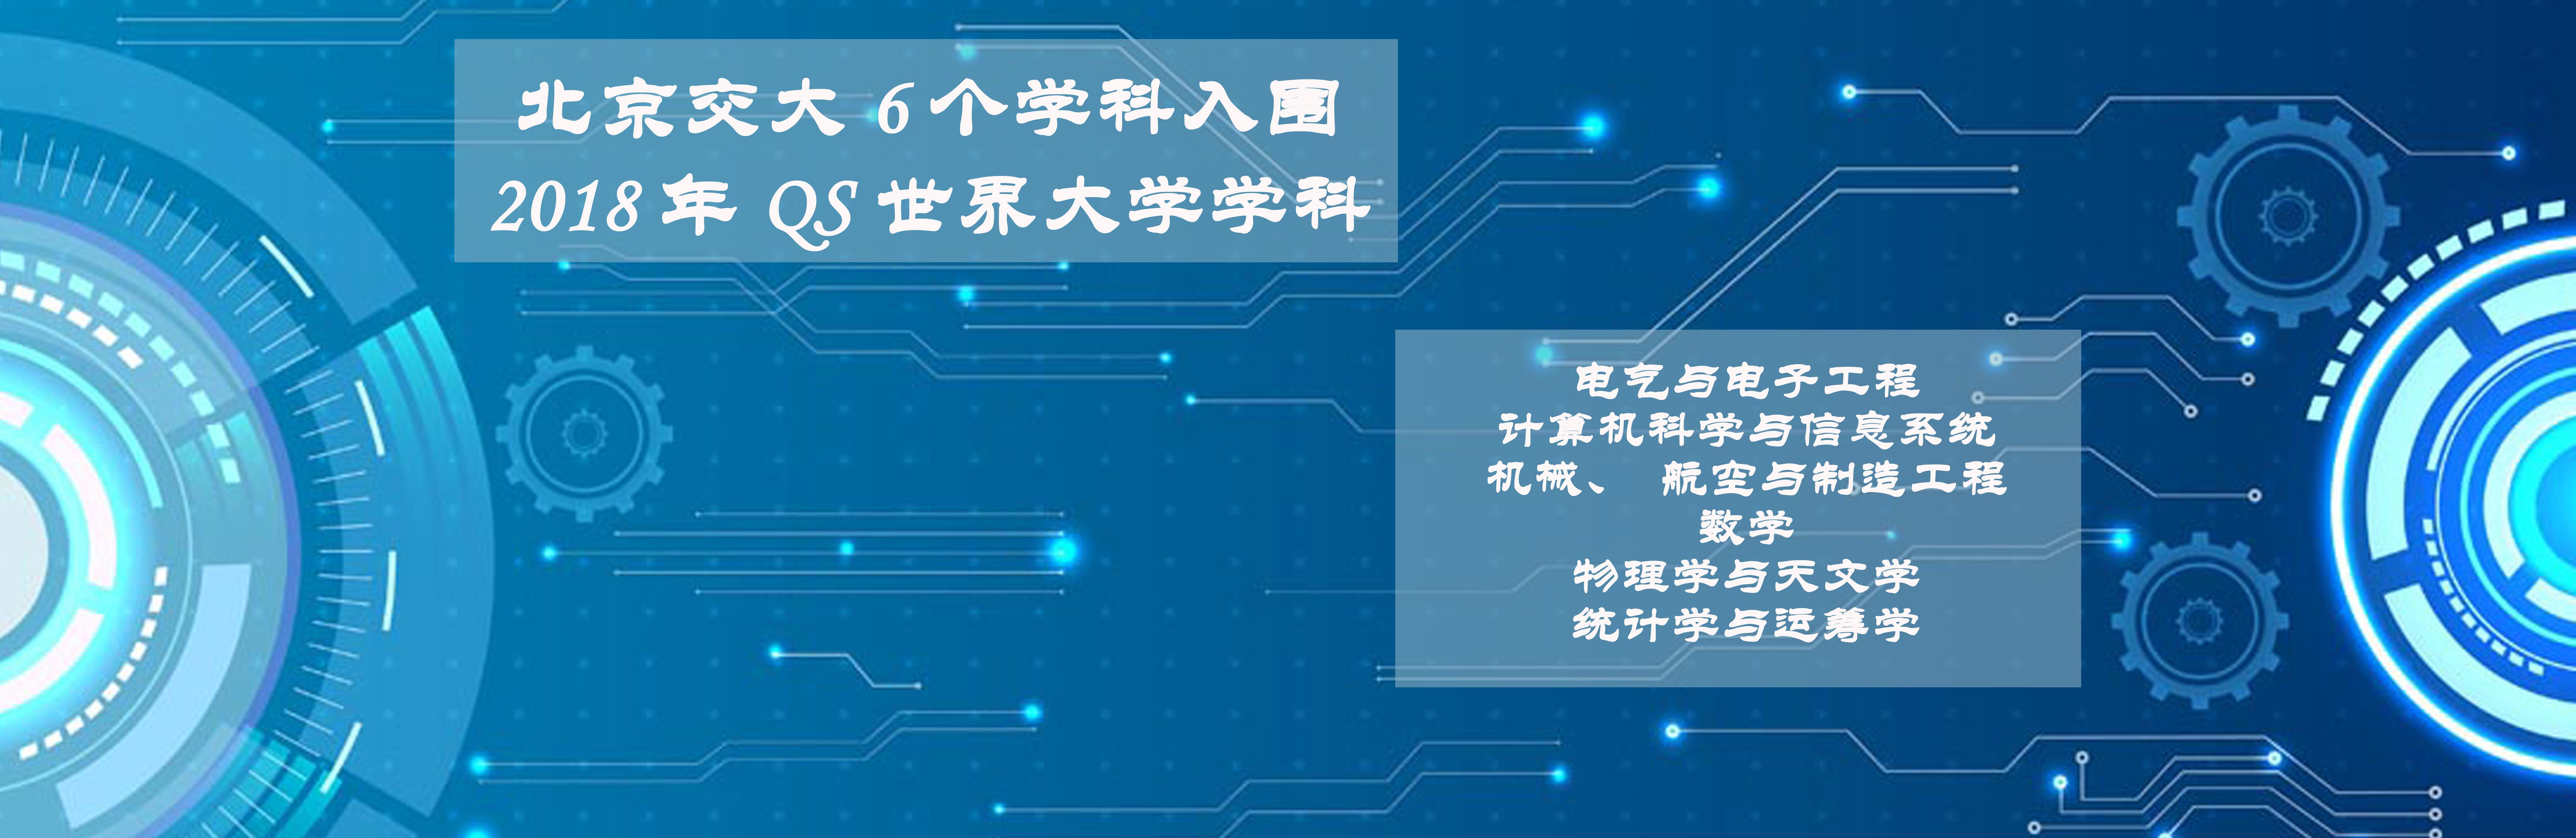 北京交大6个学科入围2018年QS世界大学学科排名